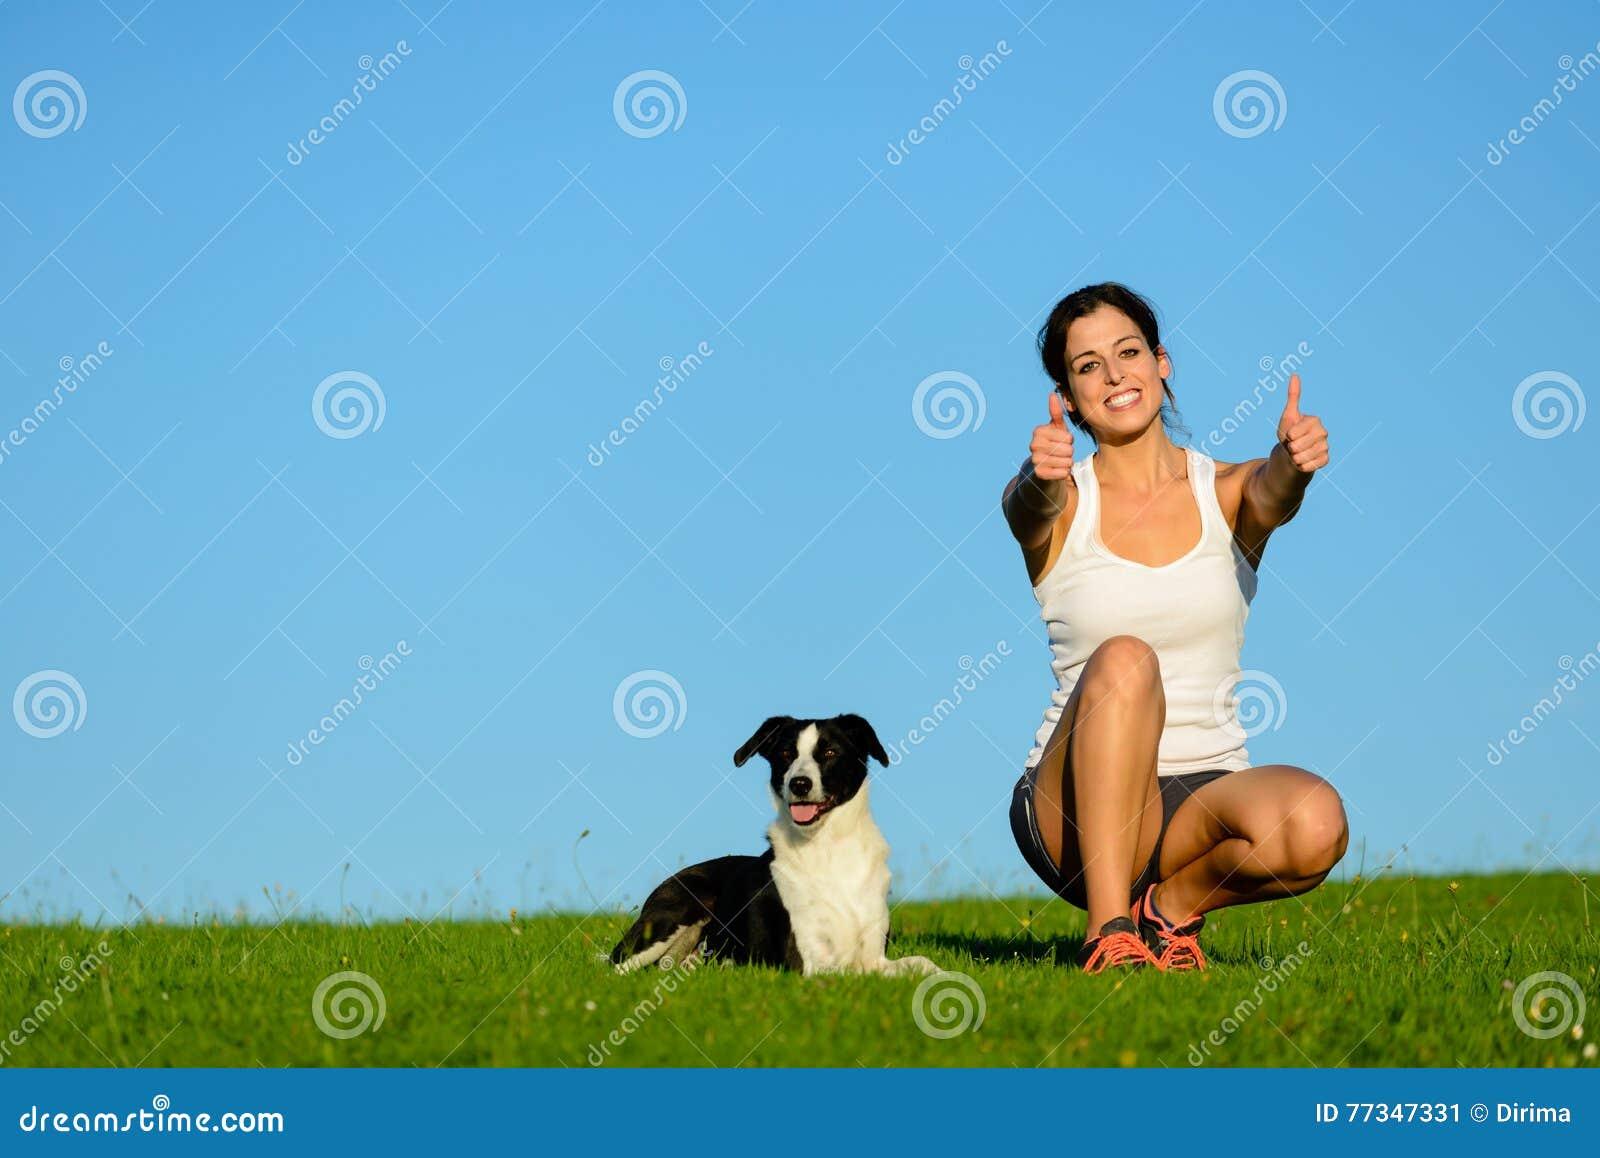 Femme sportive réussie prenant un repos de exercice avec son chien